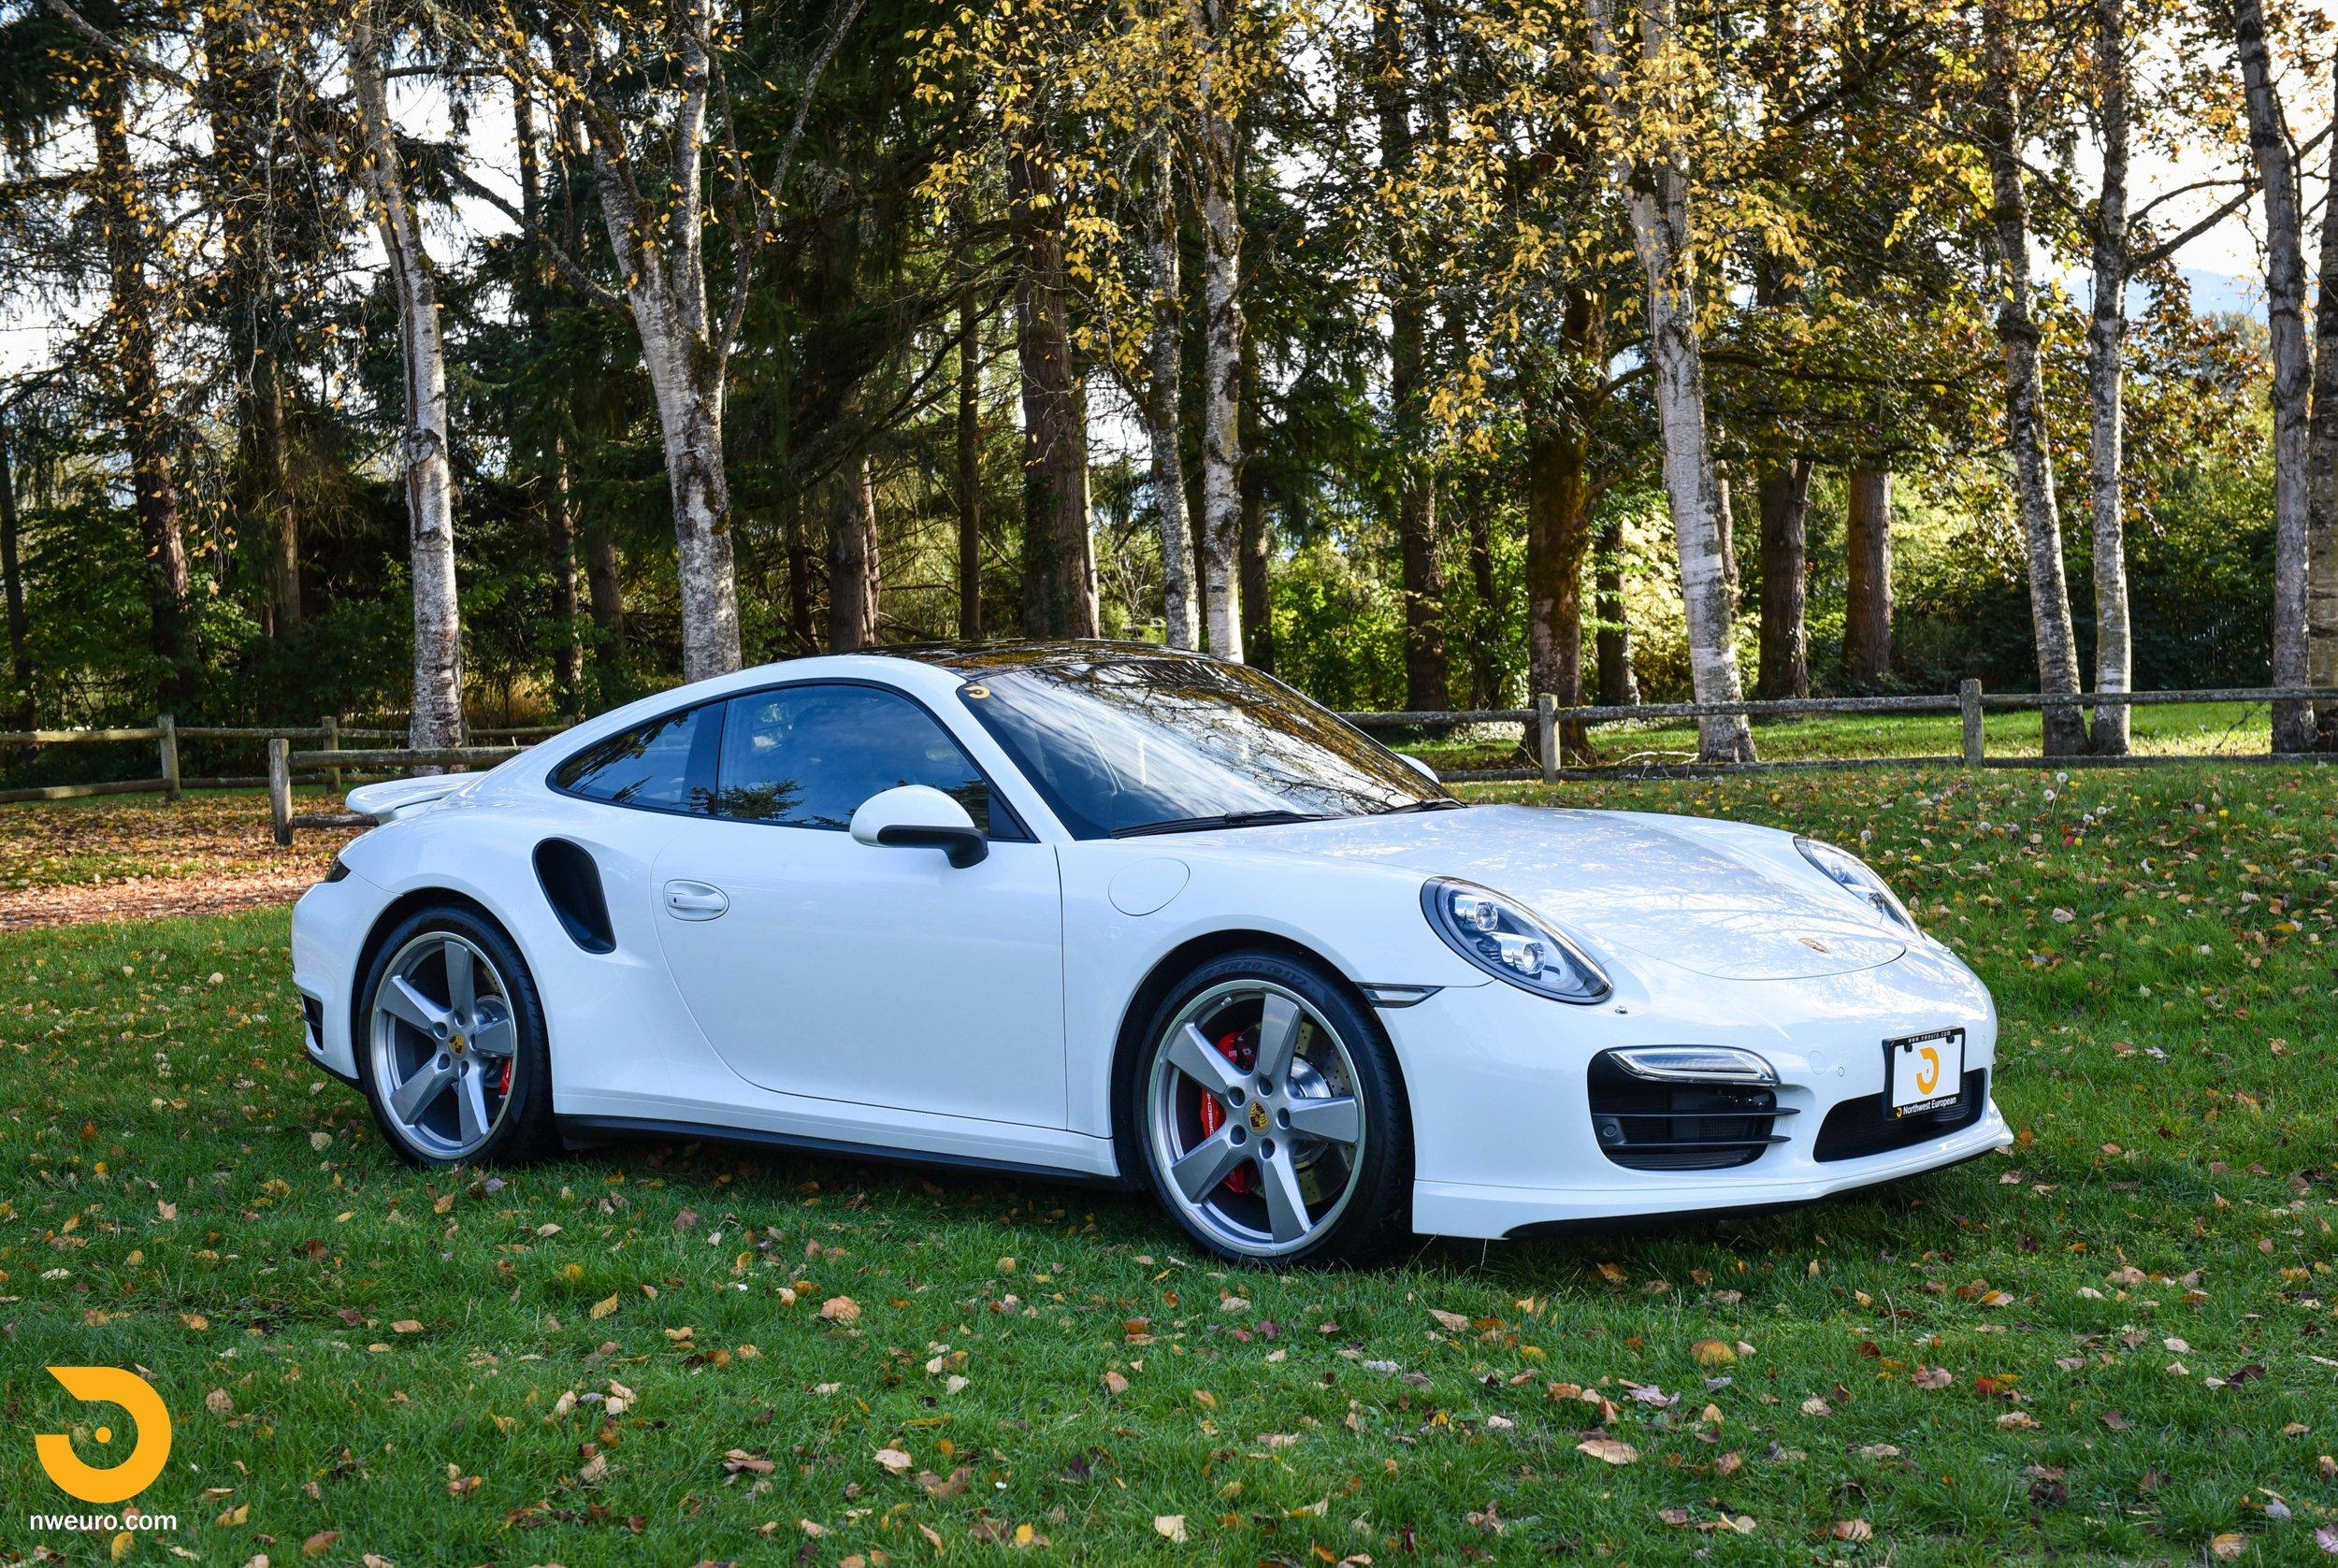 2014 Porsche 911 Turbo-30.jpg